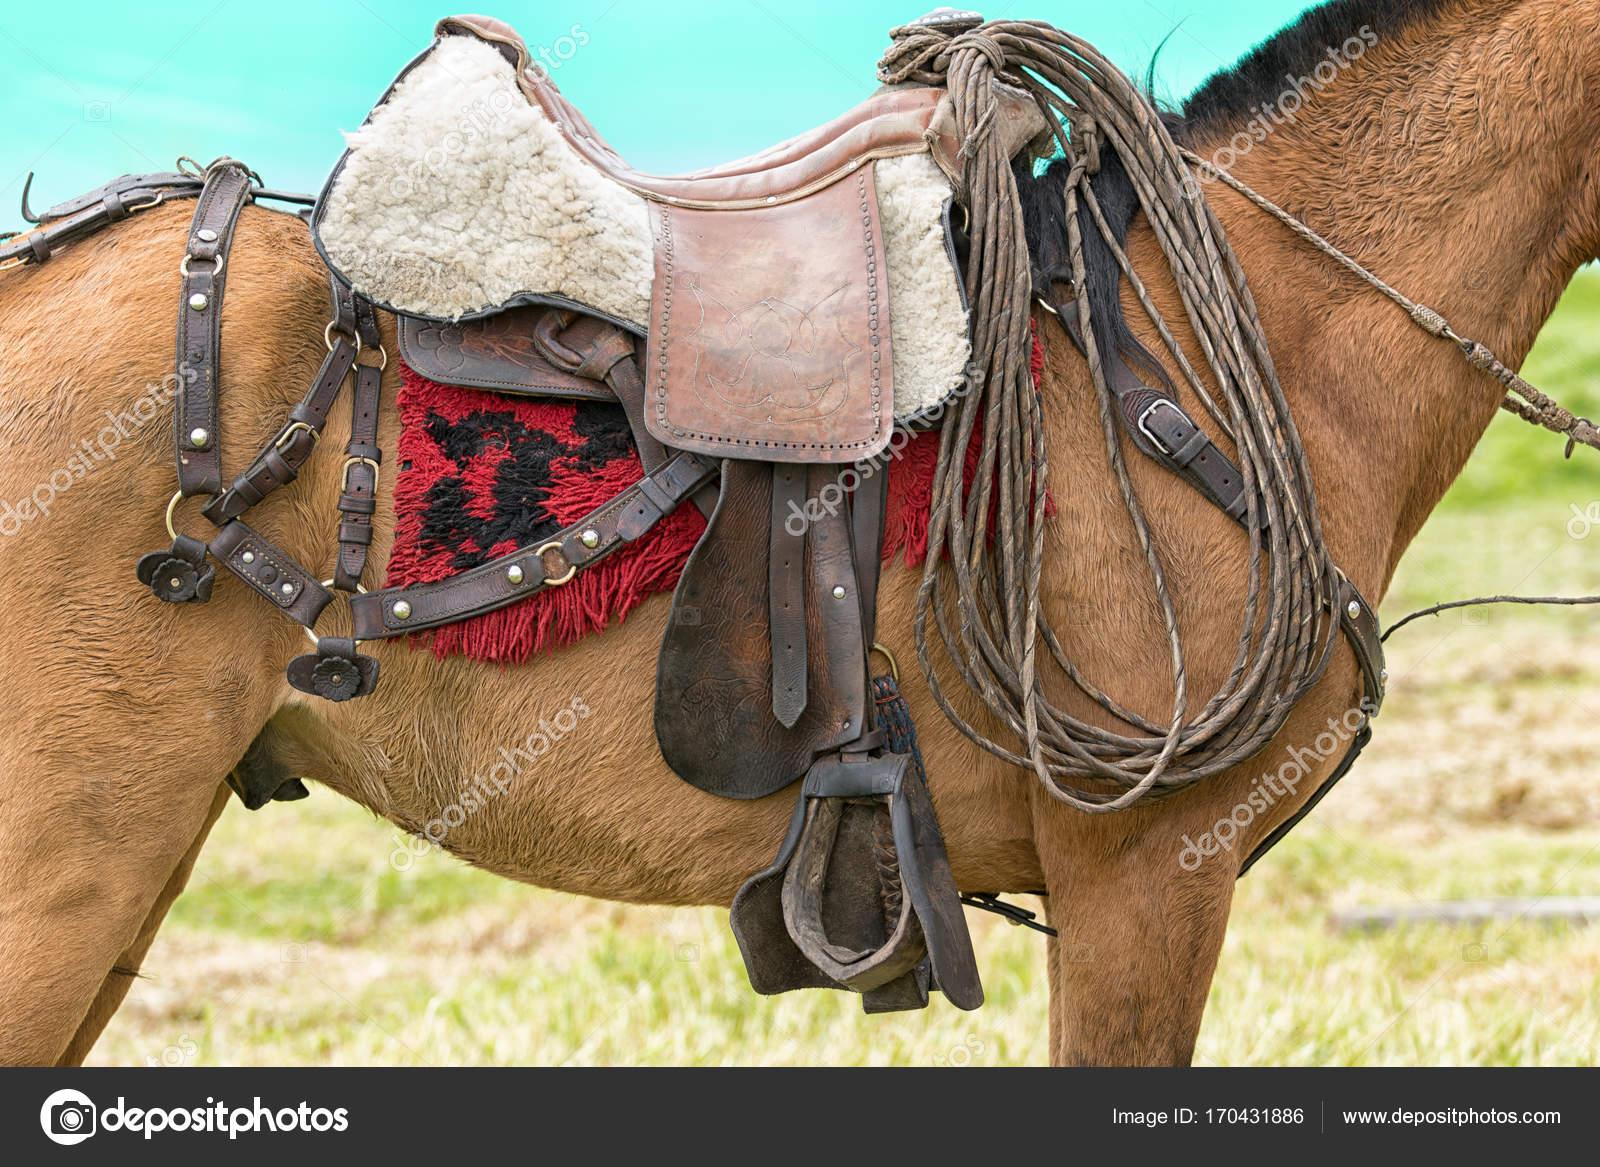 651e0afbe3 03 de junio de 2017 Machachi, Ecuador: caballo de trabajo vaquero equipado  para el trabajo en el área rural de los Andes — Foto de ...